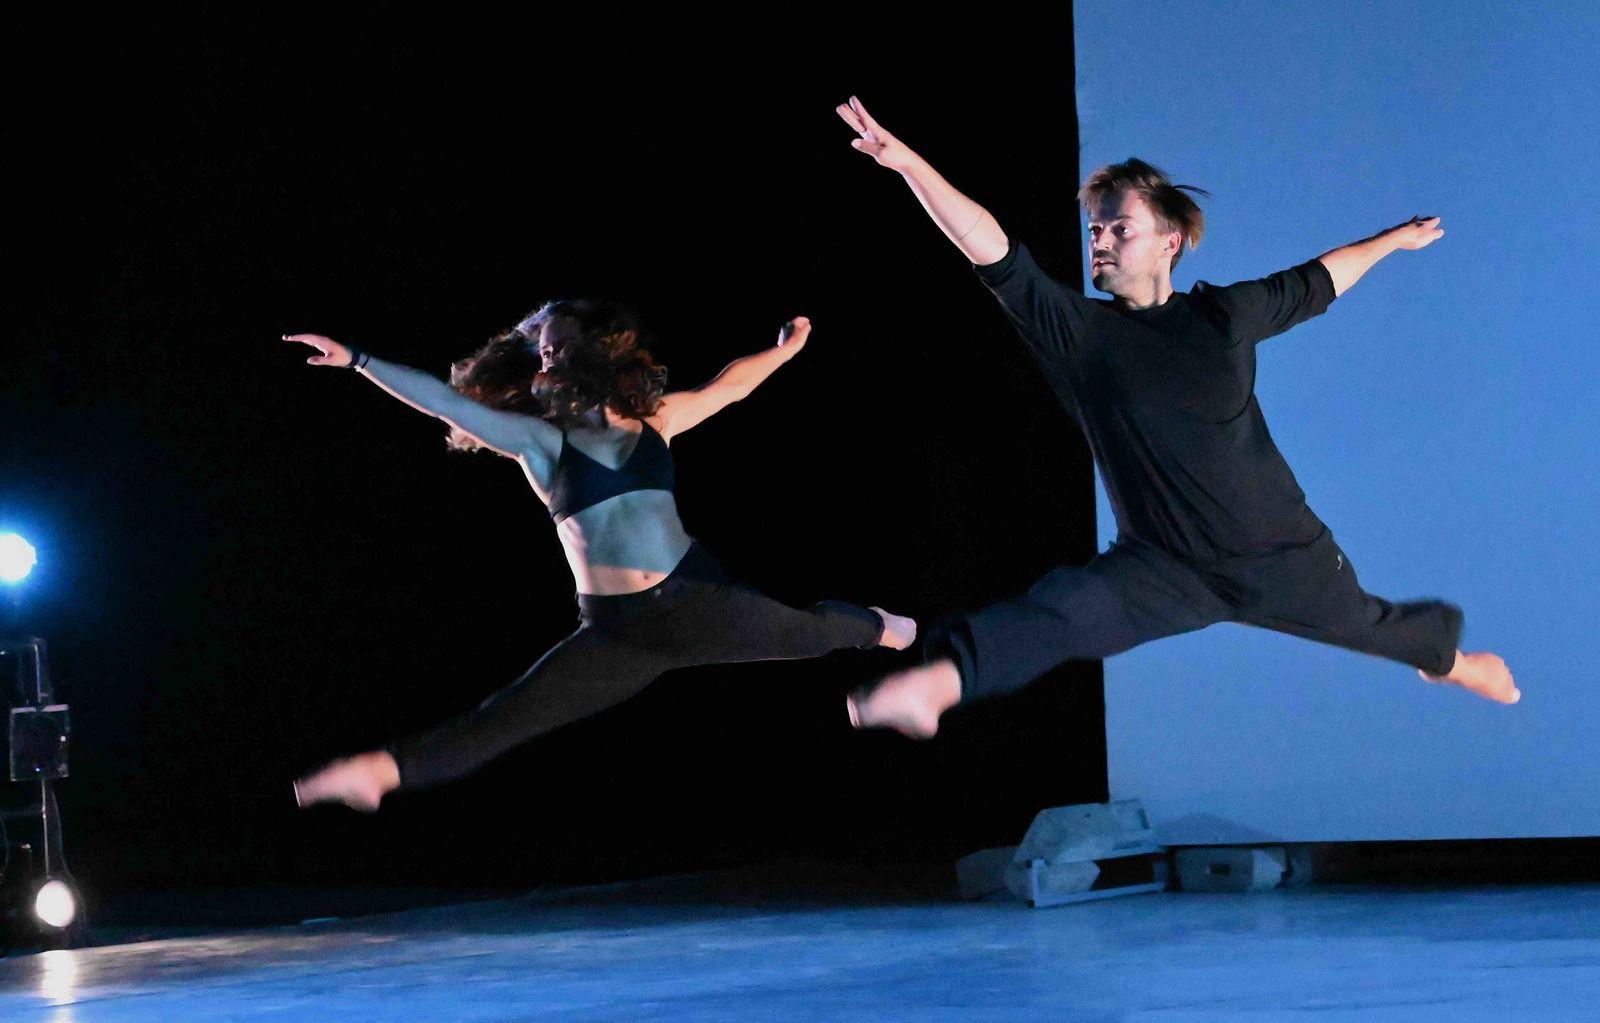 LA TOUR D'AIGUES  : Une soirée exceptionnelle de danse avec la Compagnie Grenade de Josette Baïz